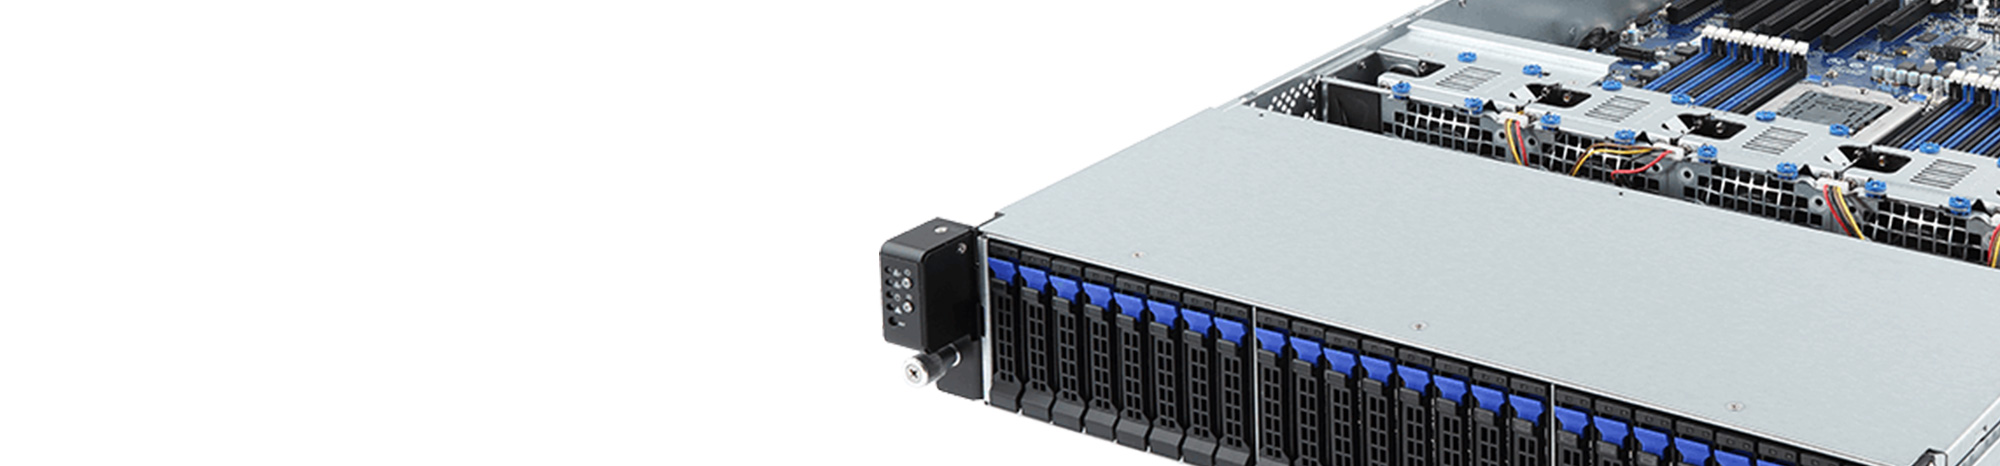 1U TwinPro Servers